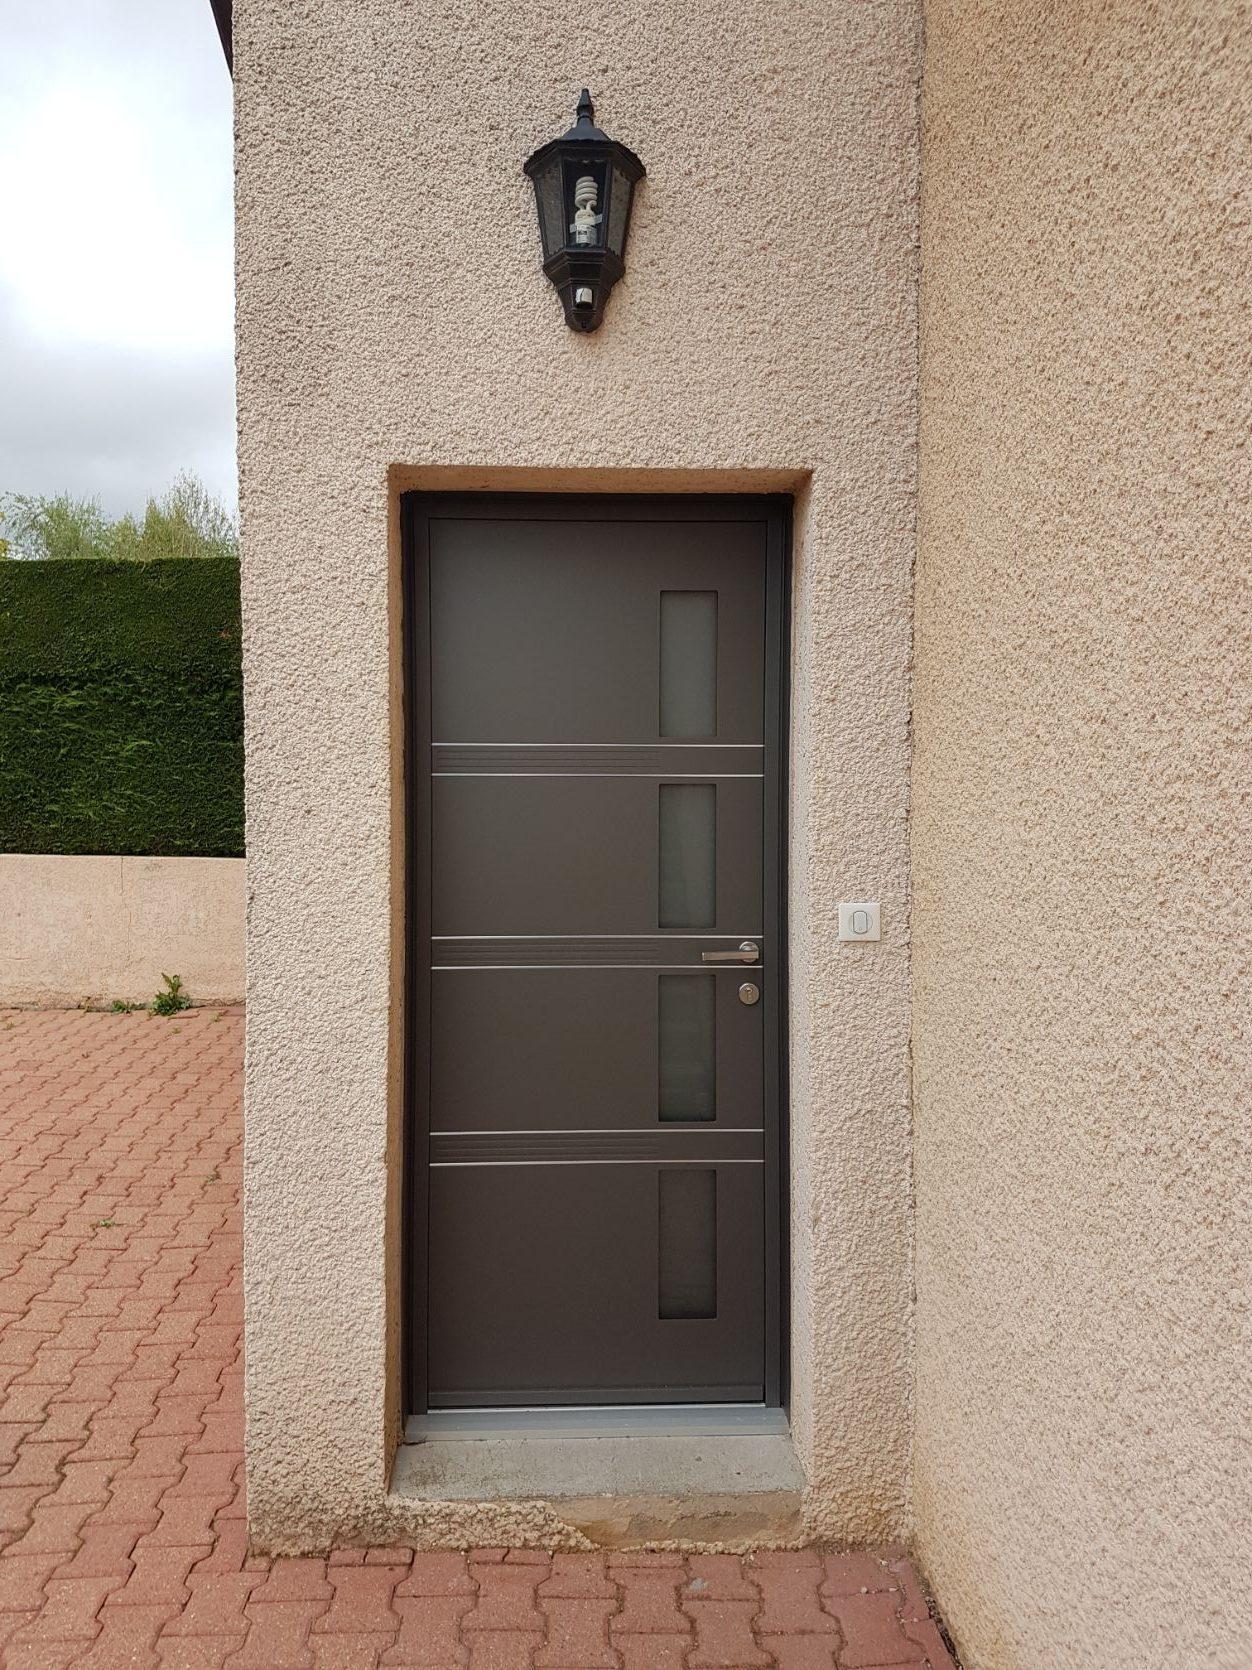 Porte dentrée K line modèle quadrige couleur gris sablé e1556869715159 - GCDH réalise un nouveau chantier à Communay